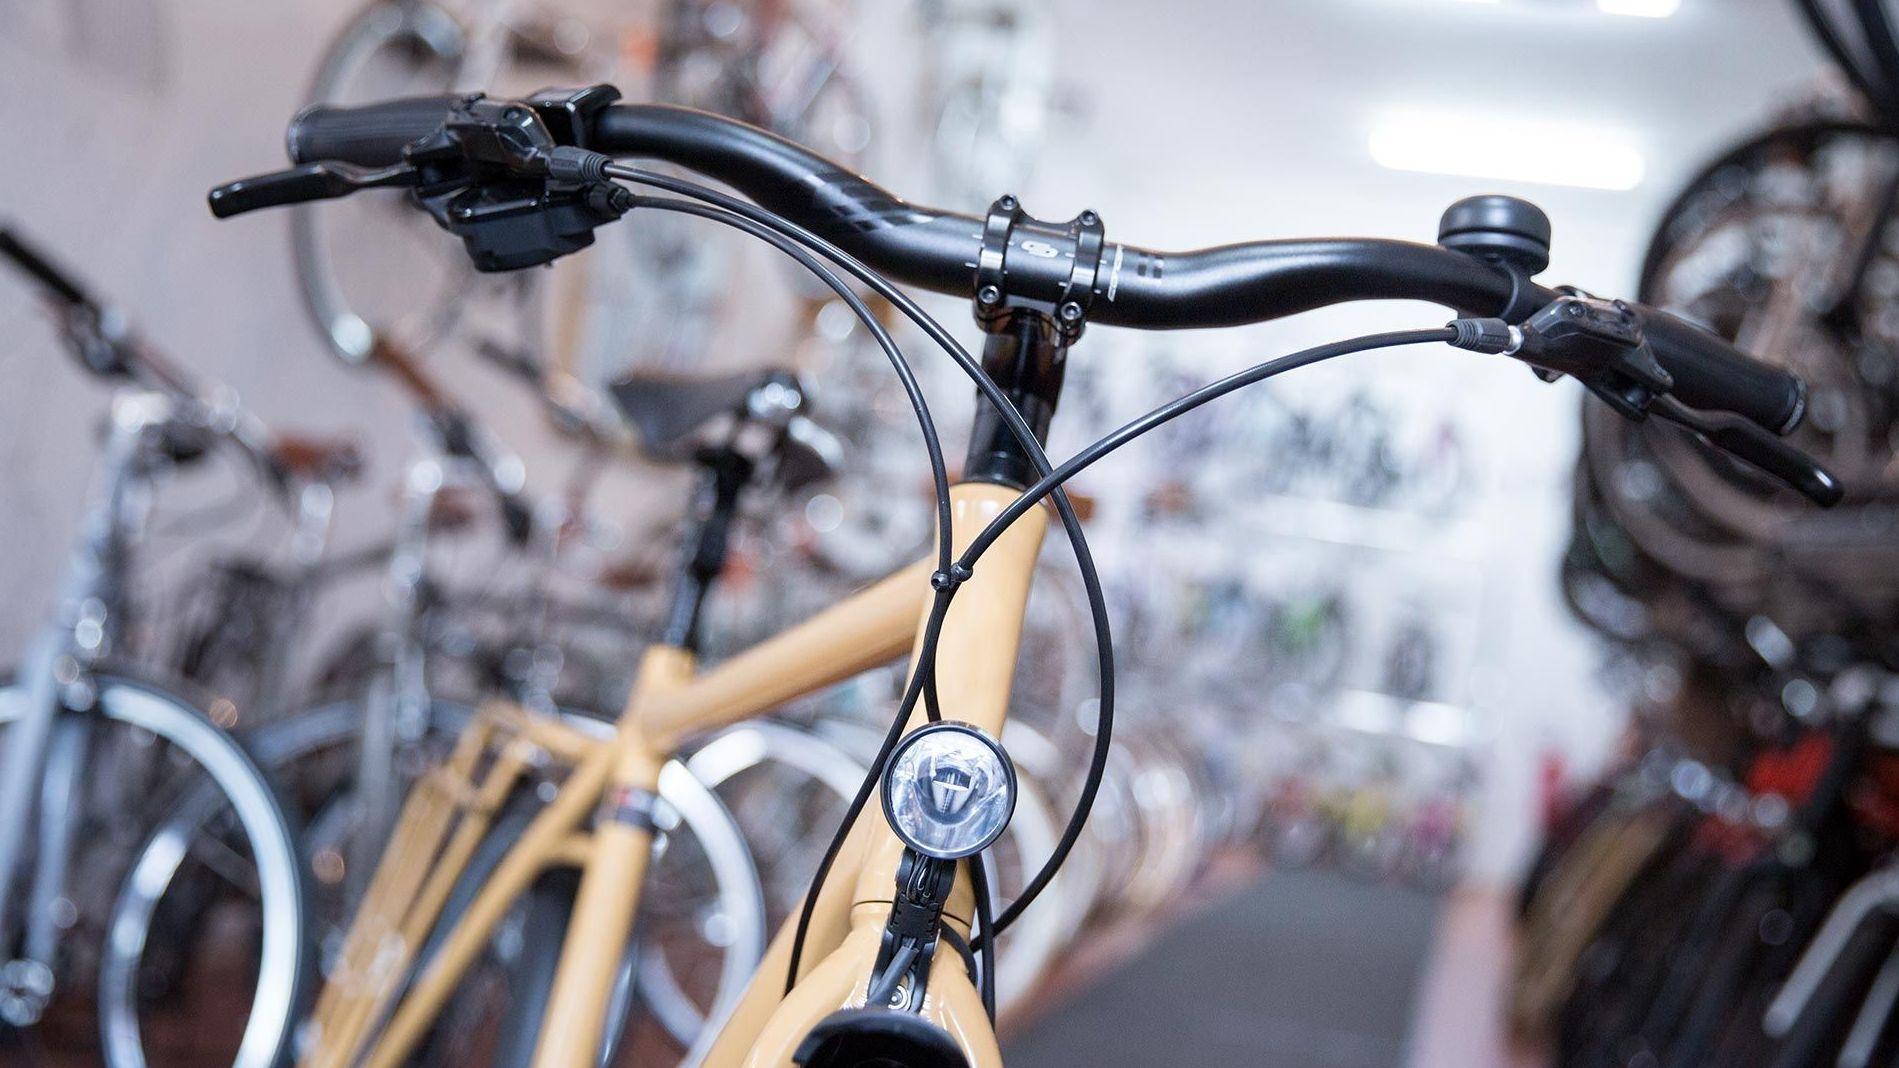 Ein beigefarbenes Fahrrad steht in einem Geschäft, dahinter viele andere Fahrräder.